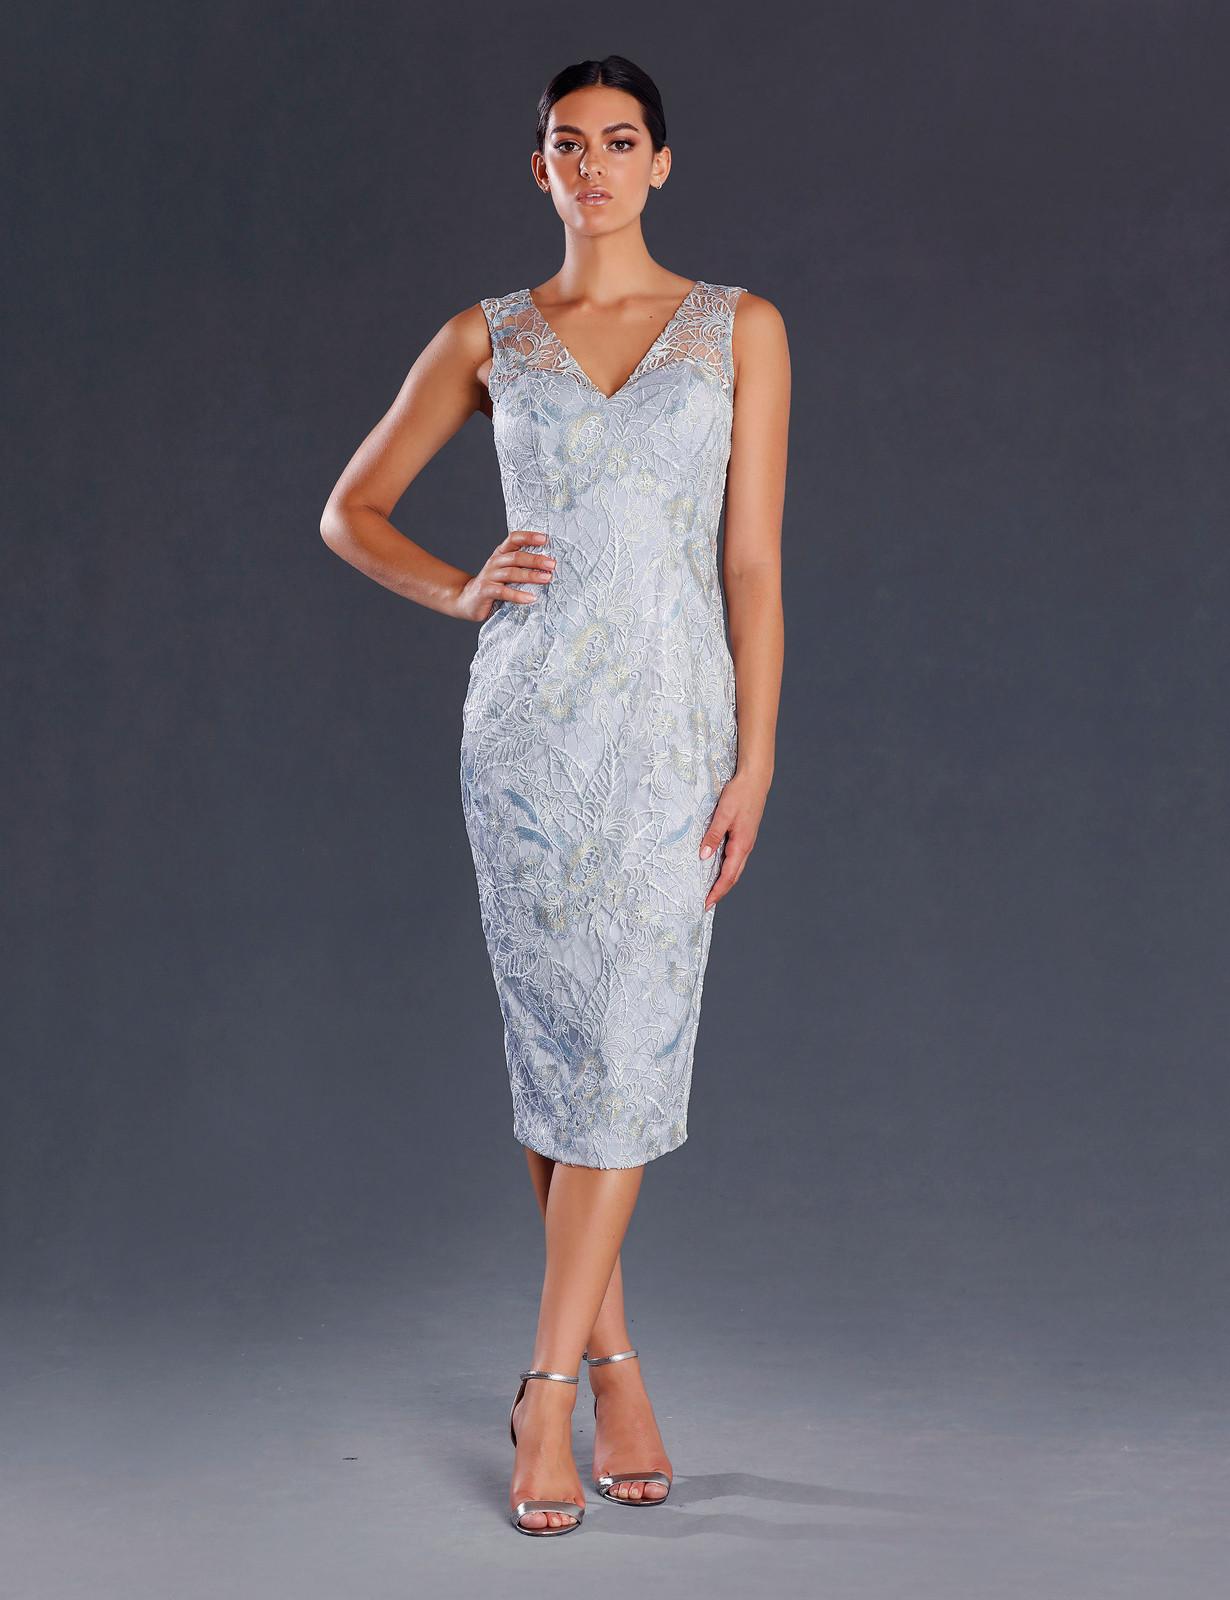 Wedding Prom Bridesmaid Gowns/Barrowford/The Lancashire Wedding ...